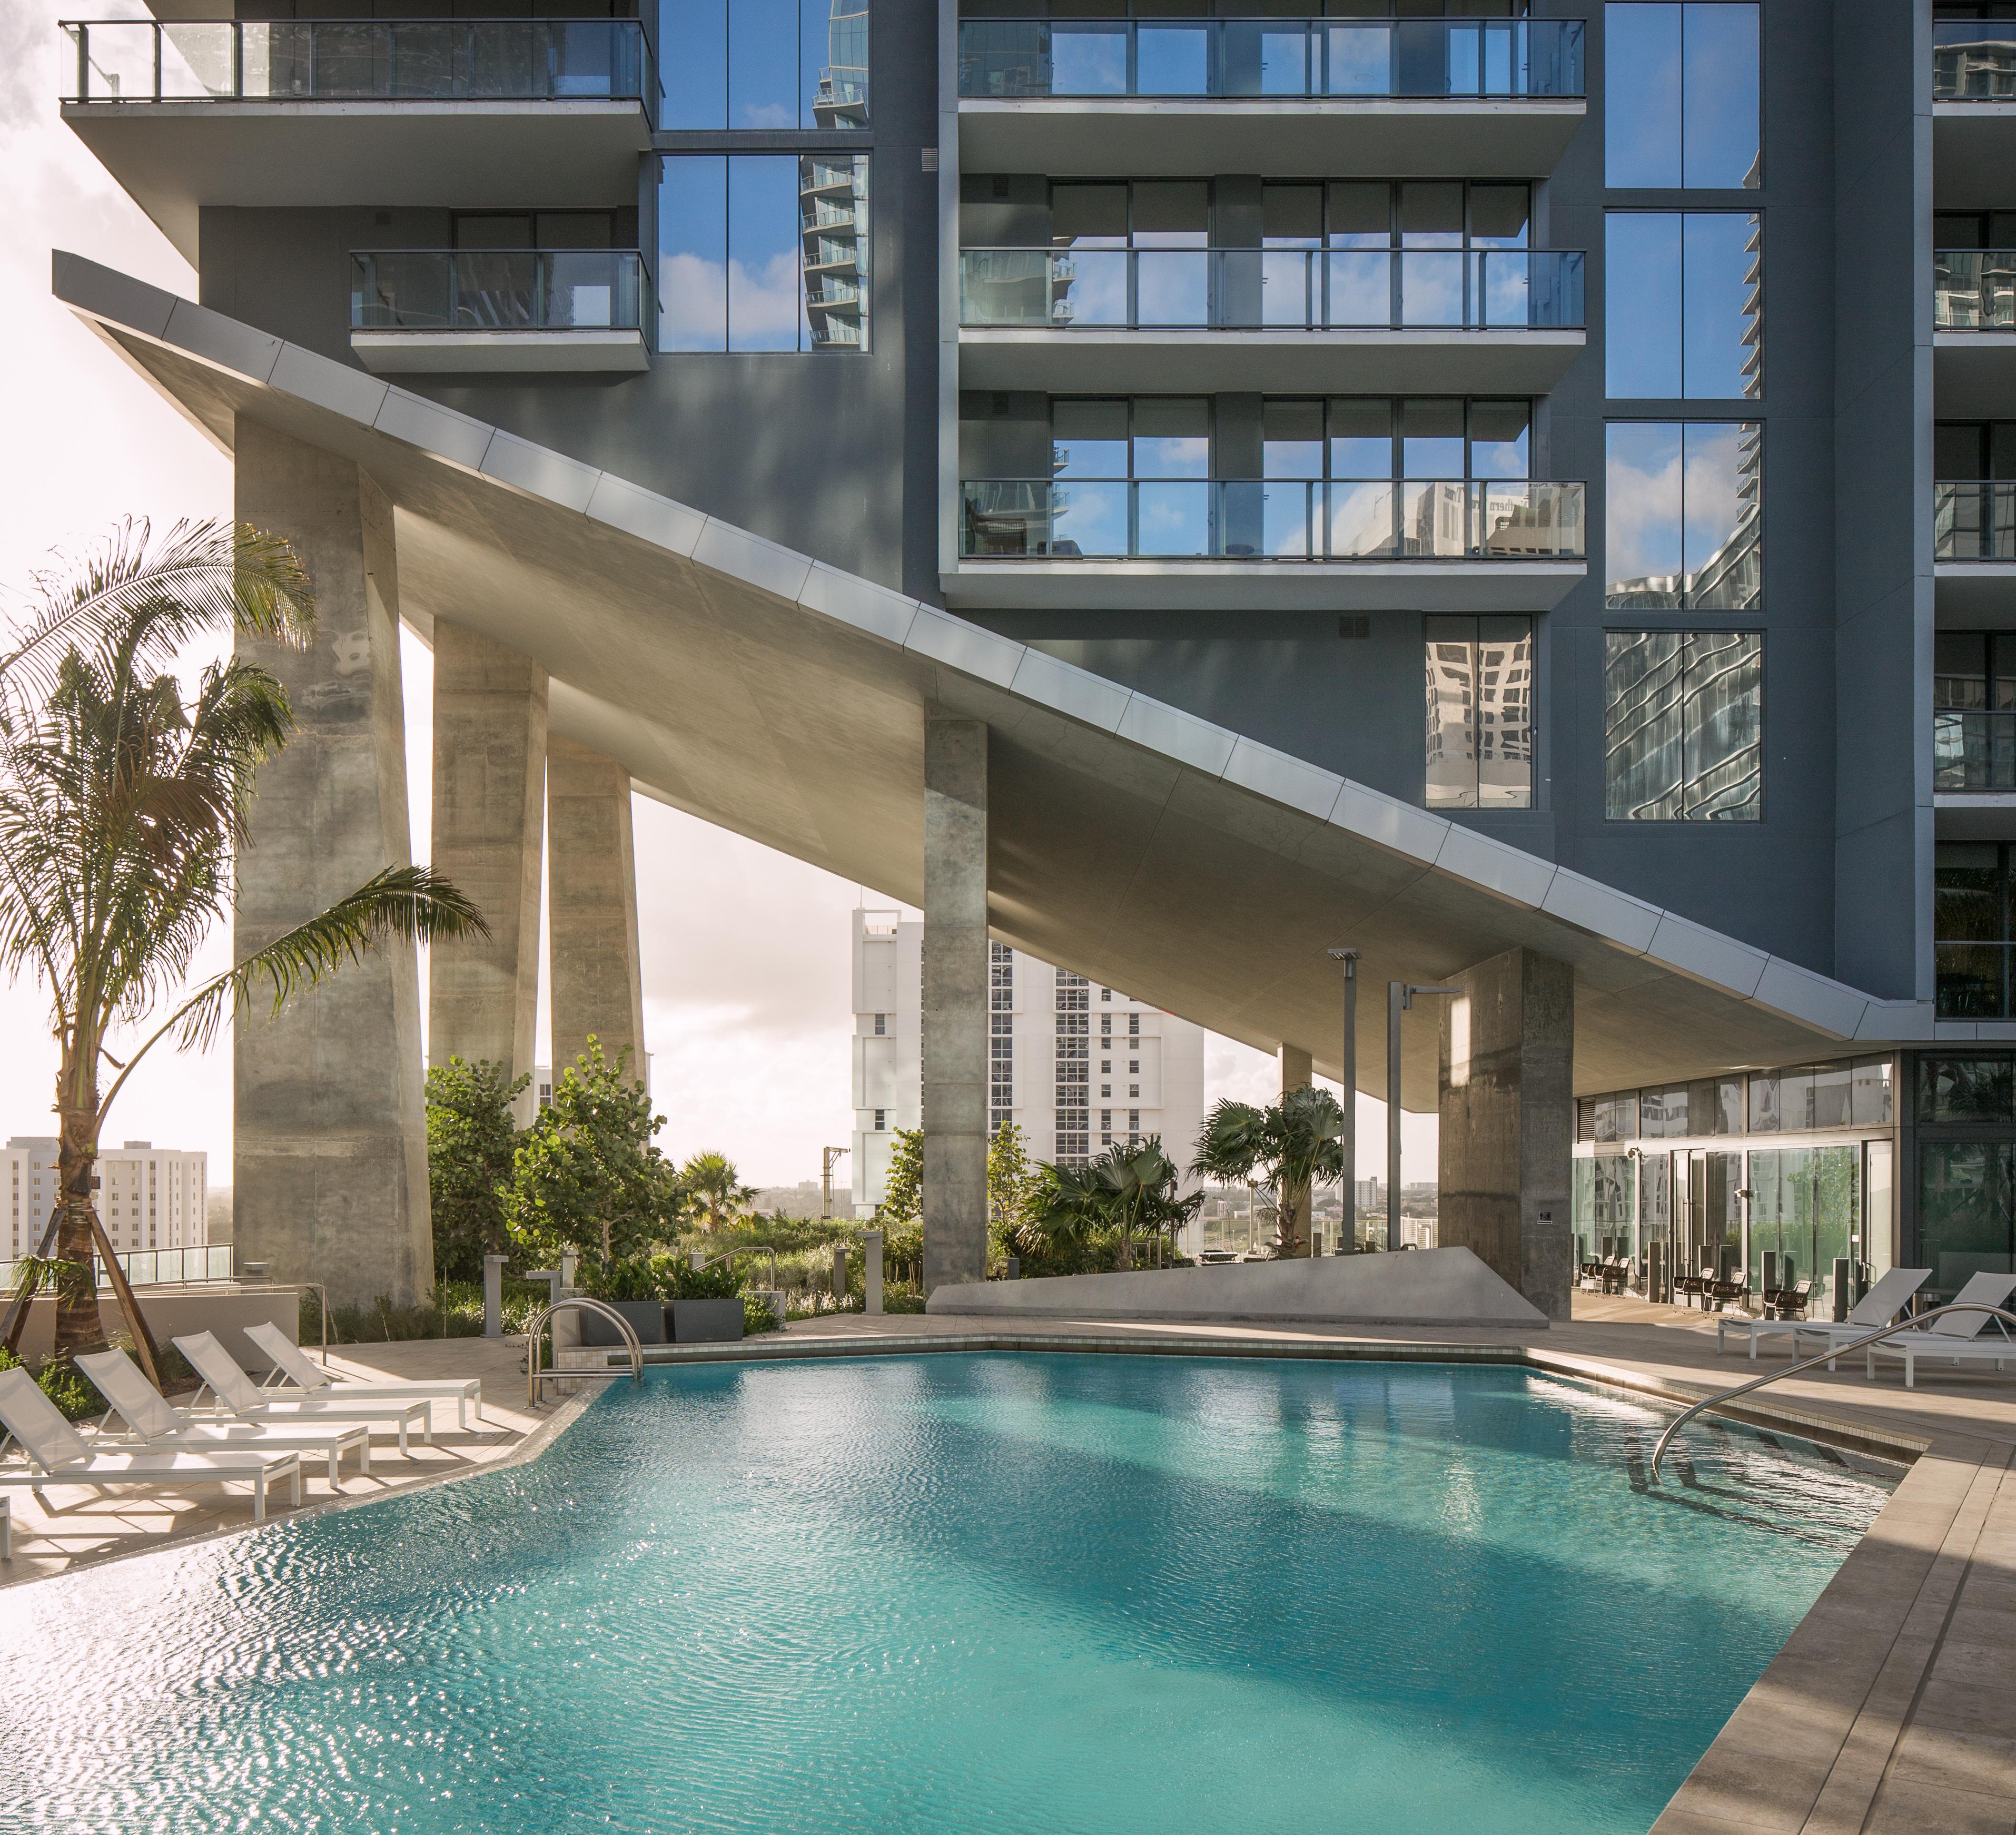 Condominium for Sale at 88 Sw 7 Street #3808 88 Sw 7 Street 3808 Miami, Florida, 33131 United States